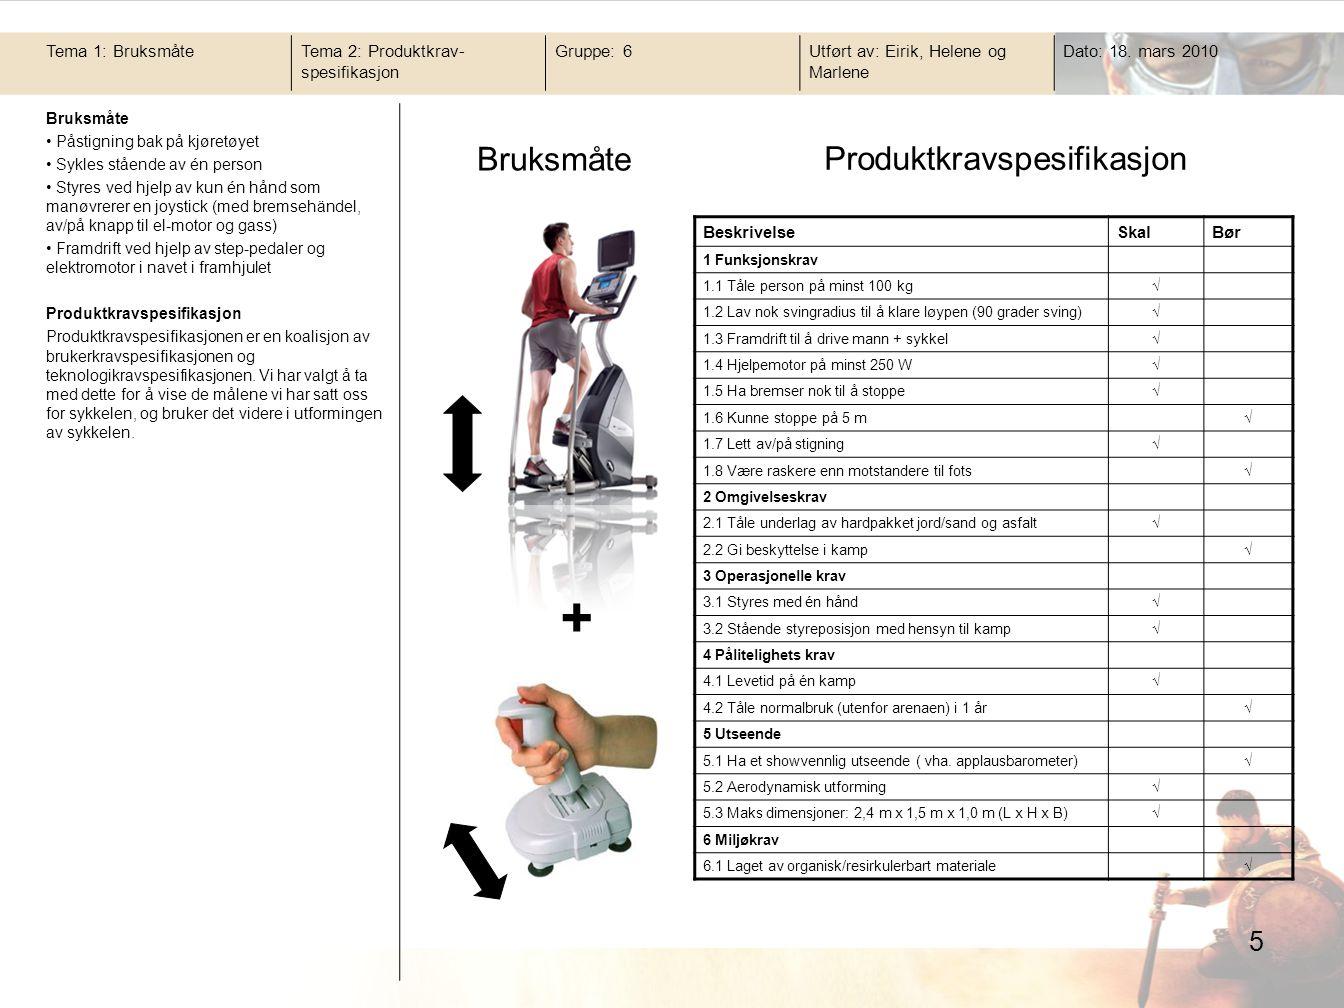 + Bruksmåte Produktkravspesifikasjon Tema 1: Bruksmåte